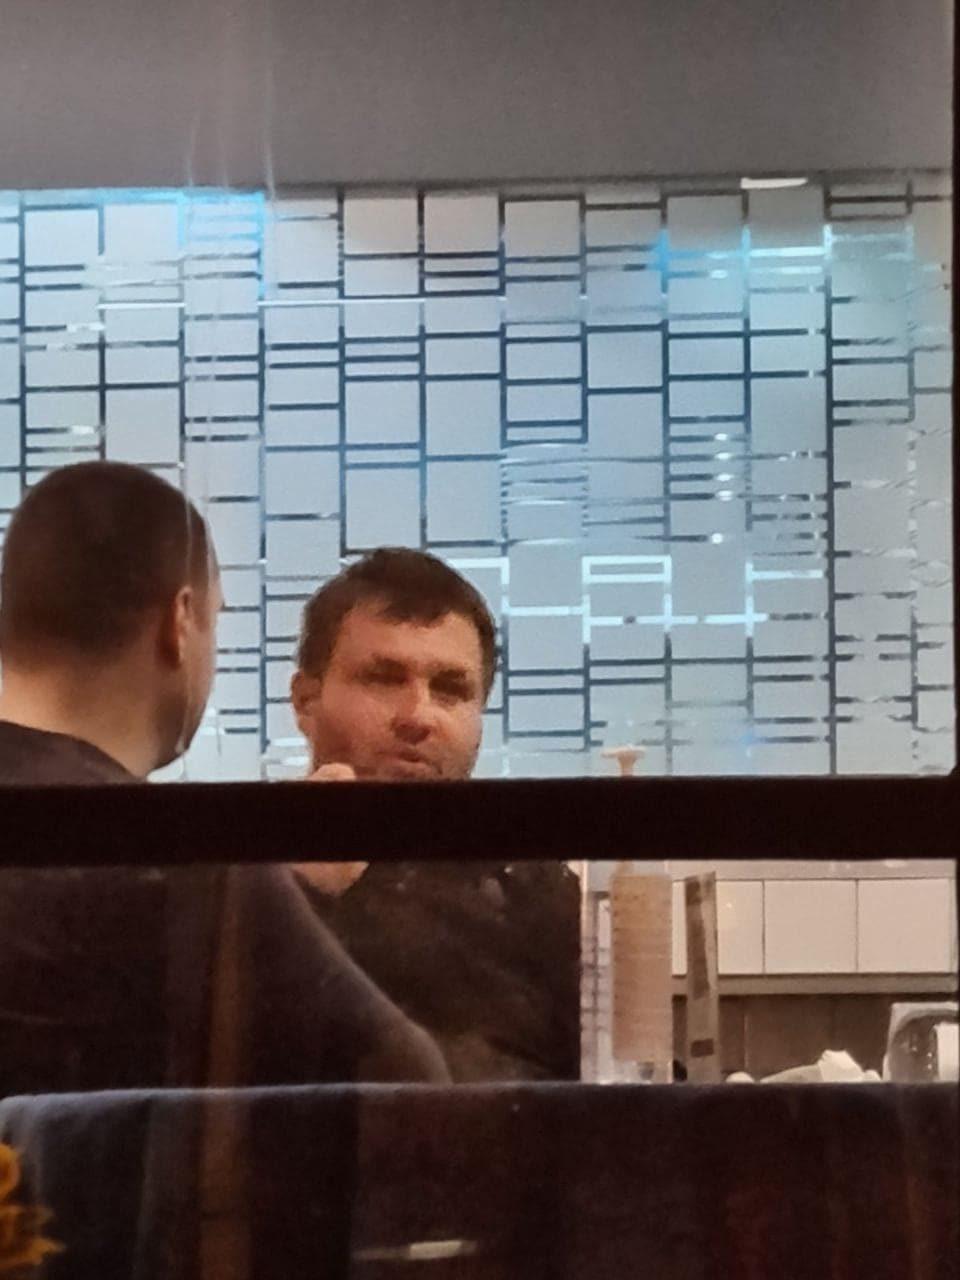 Centar Mayor Sasa Bogdanovic filmed in a restaurant in violation of coronavirus restrictions